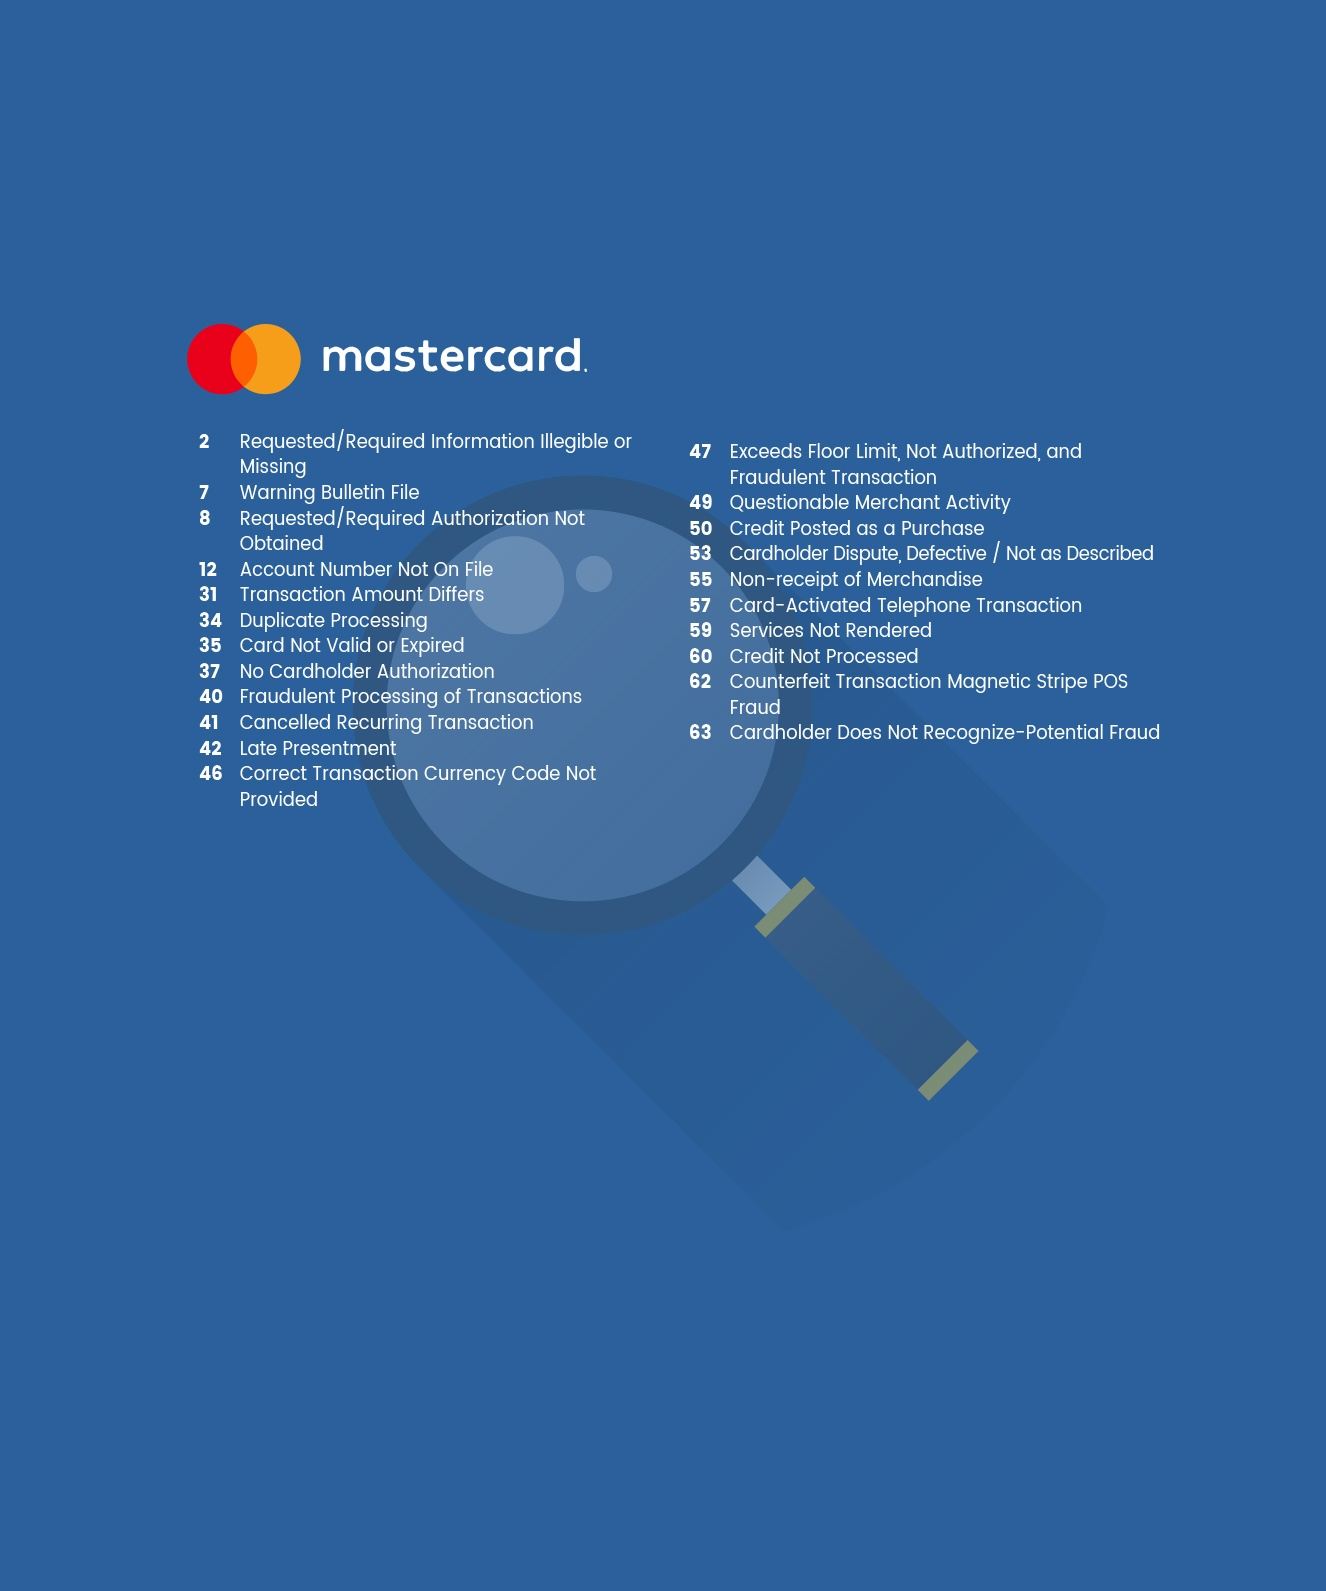 Mastercard Reason Codes